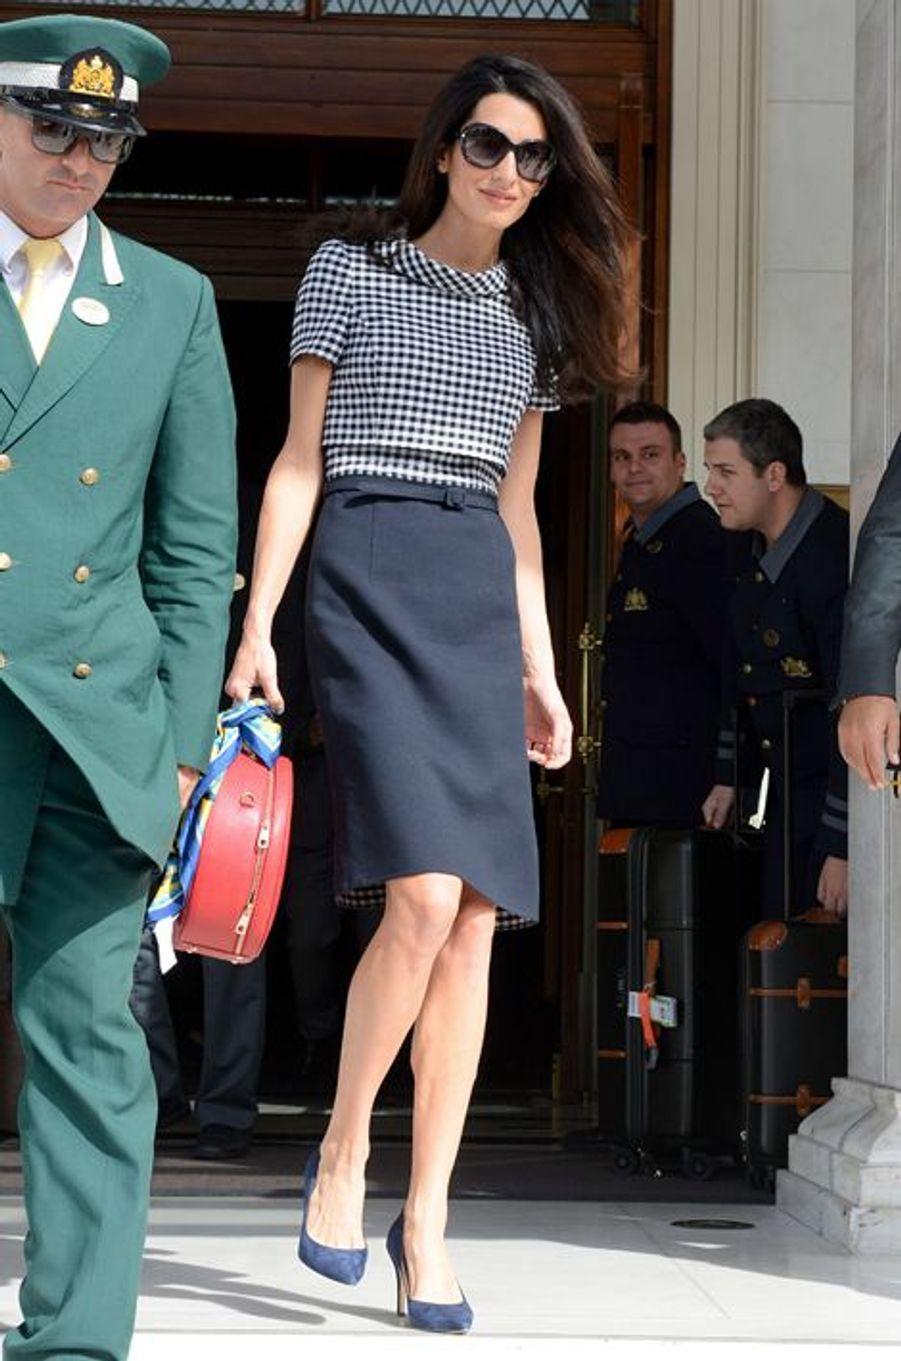 Lors de son départ de Grèce, la jeune épouse de George Clooney était apparue sobre et chic à la sortie de son hôtel. Elle avait opté pour une robe Oscar de la Renta (1.800 euros), un sac Dolce & Gabbana (1.750 euros), une paire de ballerines Jimmy Choo (675 euros) et une paire de solaires Prada (260 euros). Prix du look : 4.485 euros.